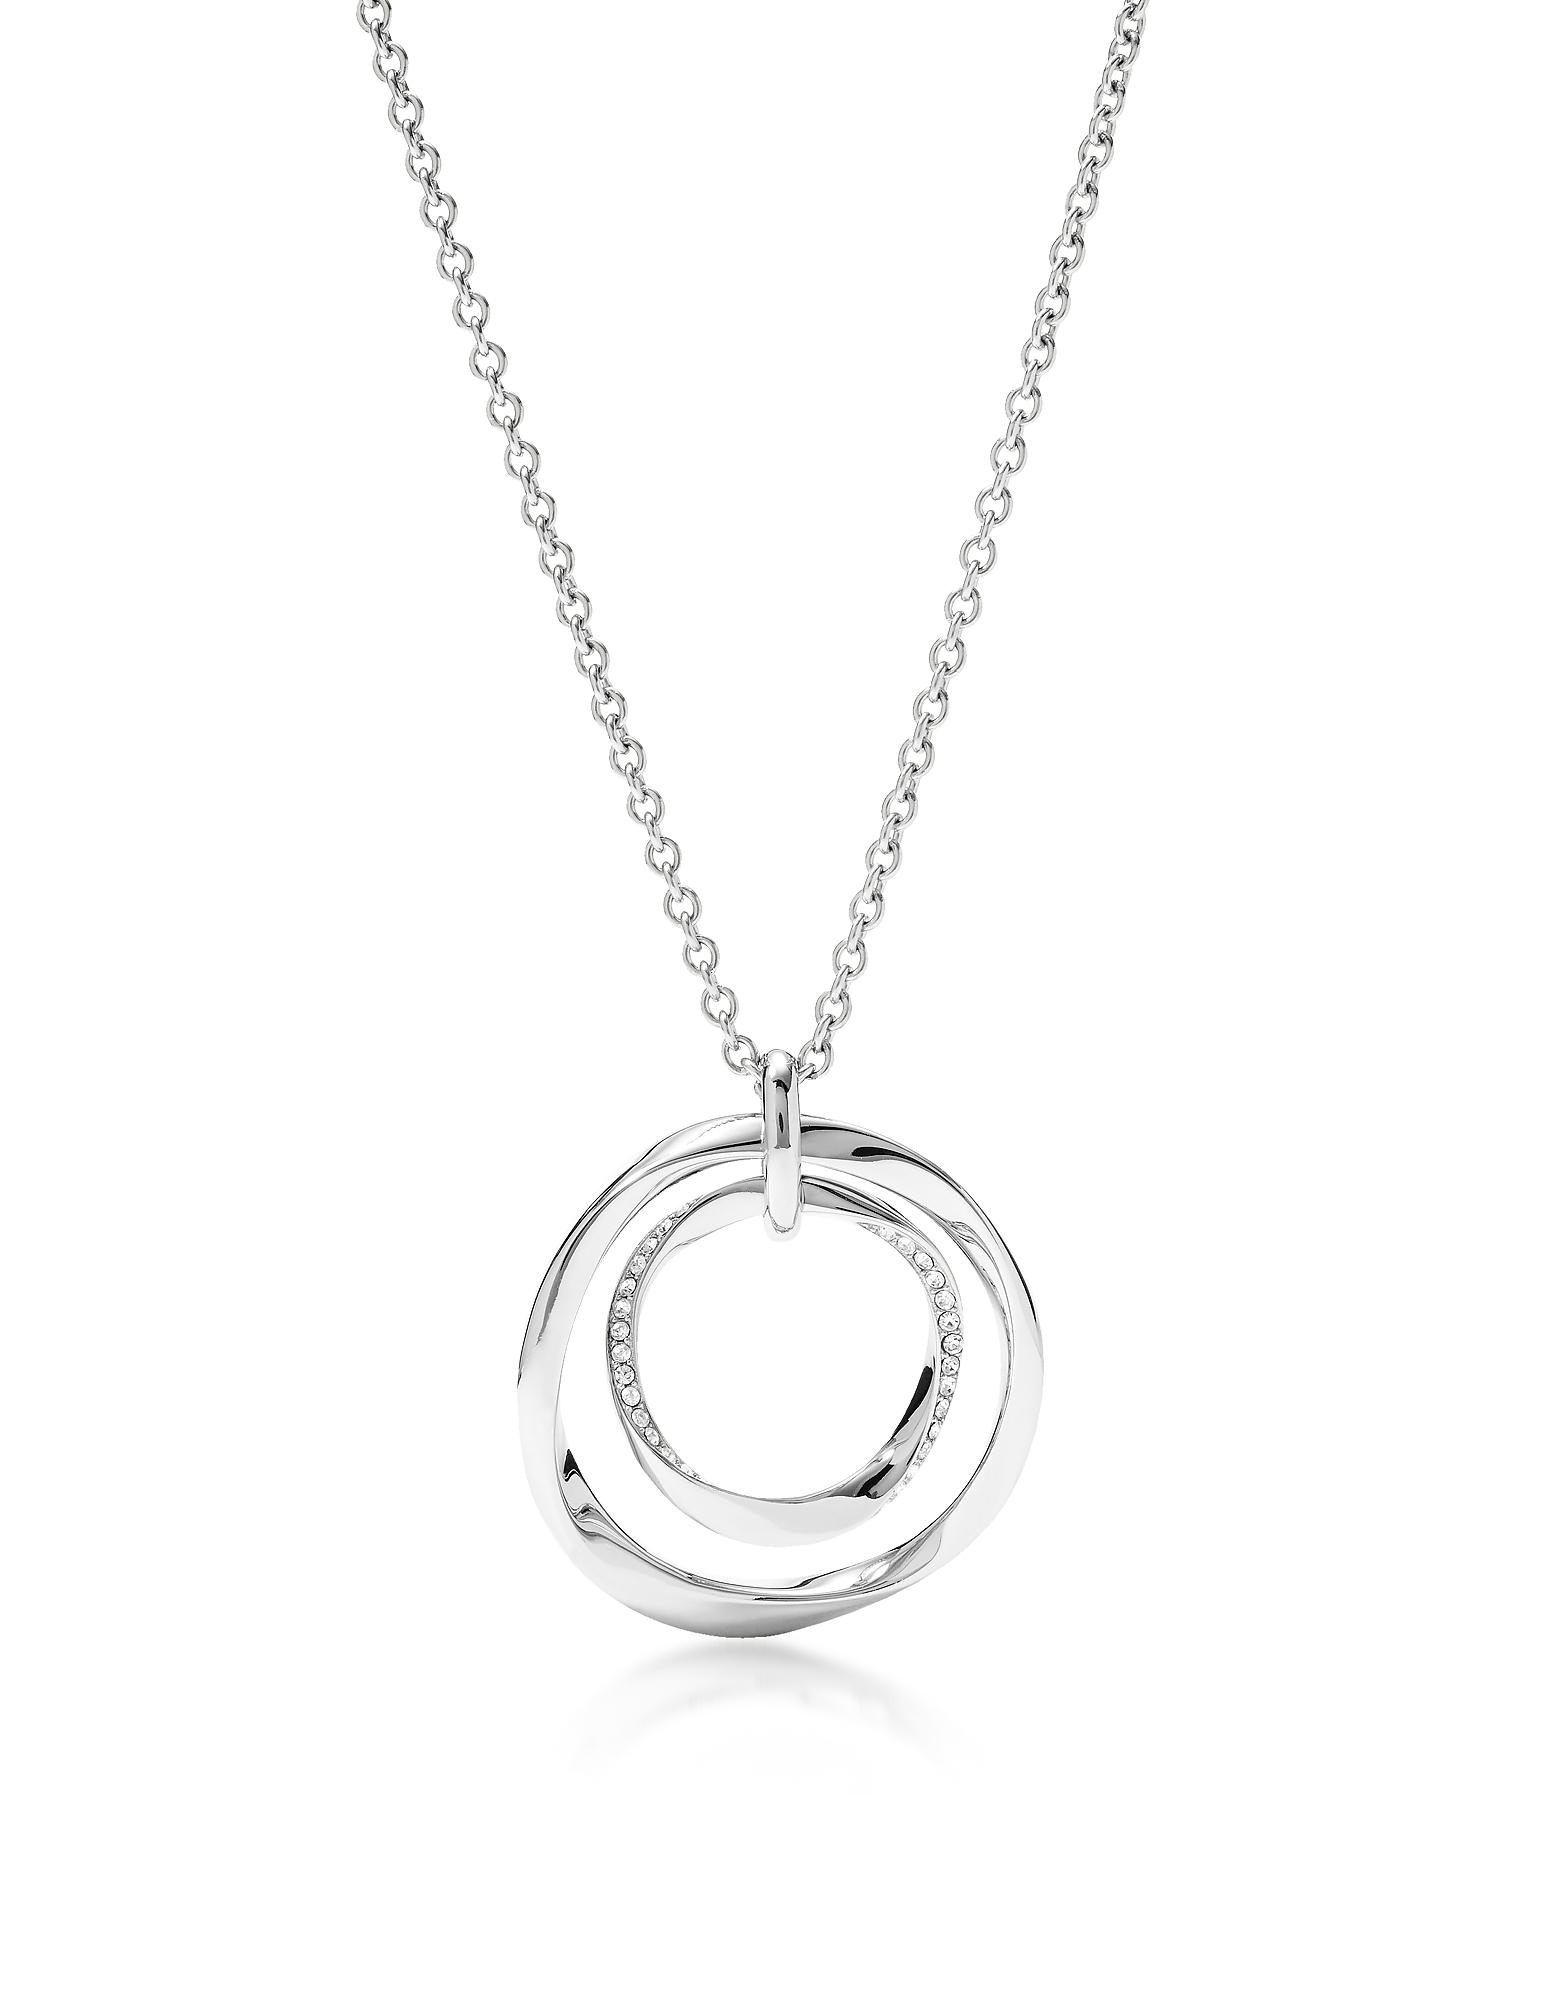 Fossil Necklaces, Long Twist Pendant Women's Necklace